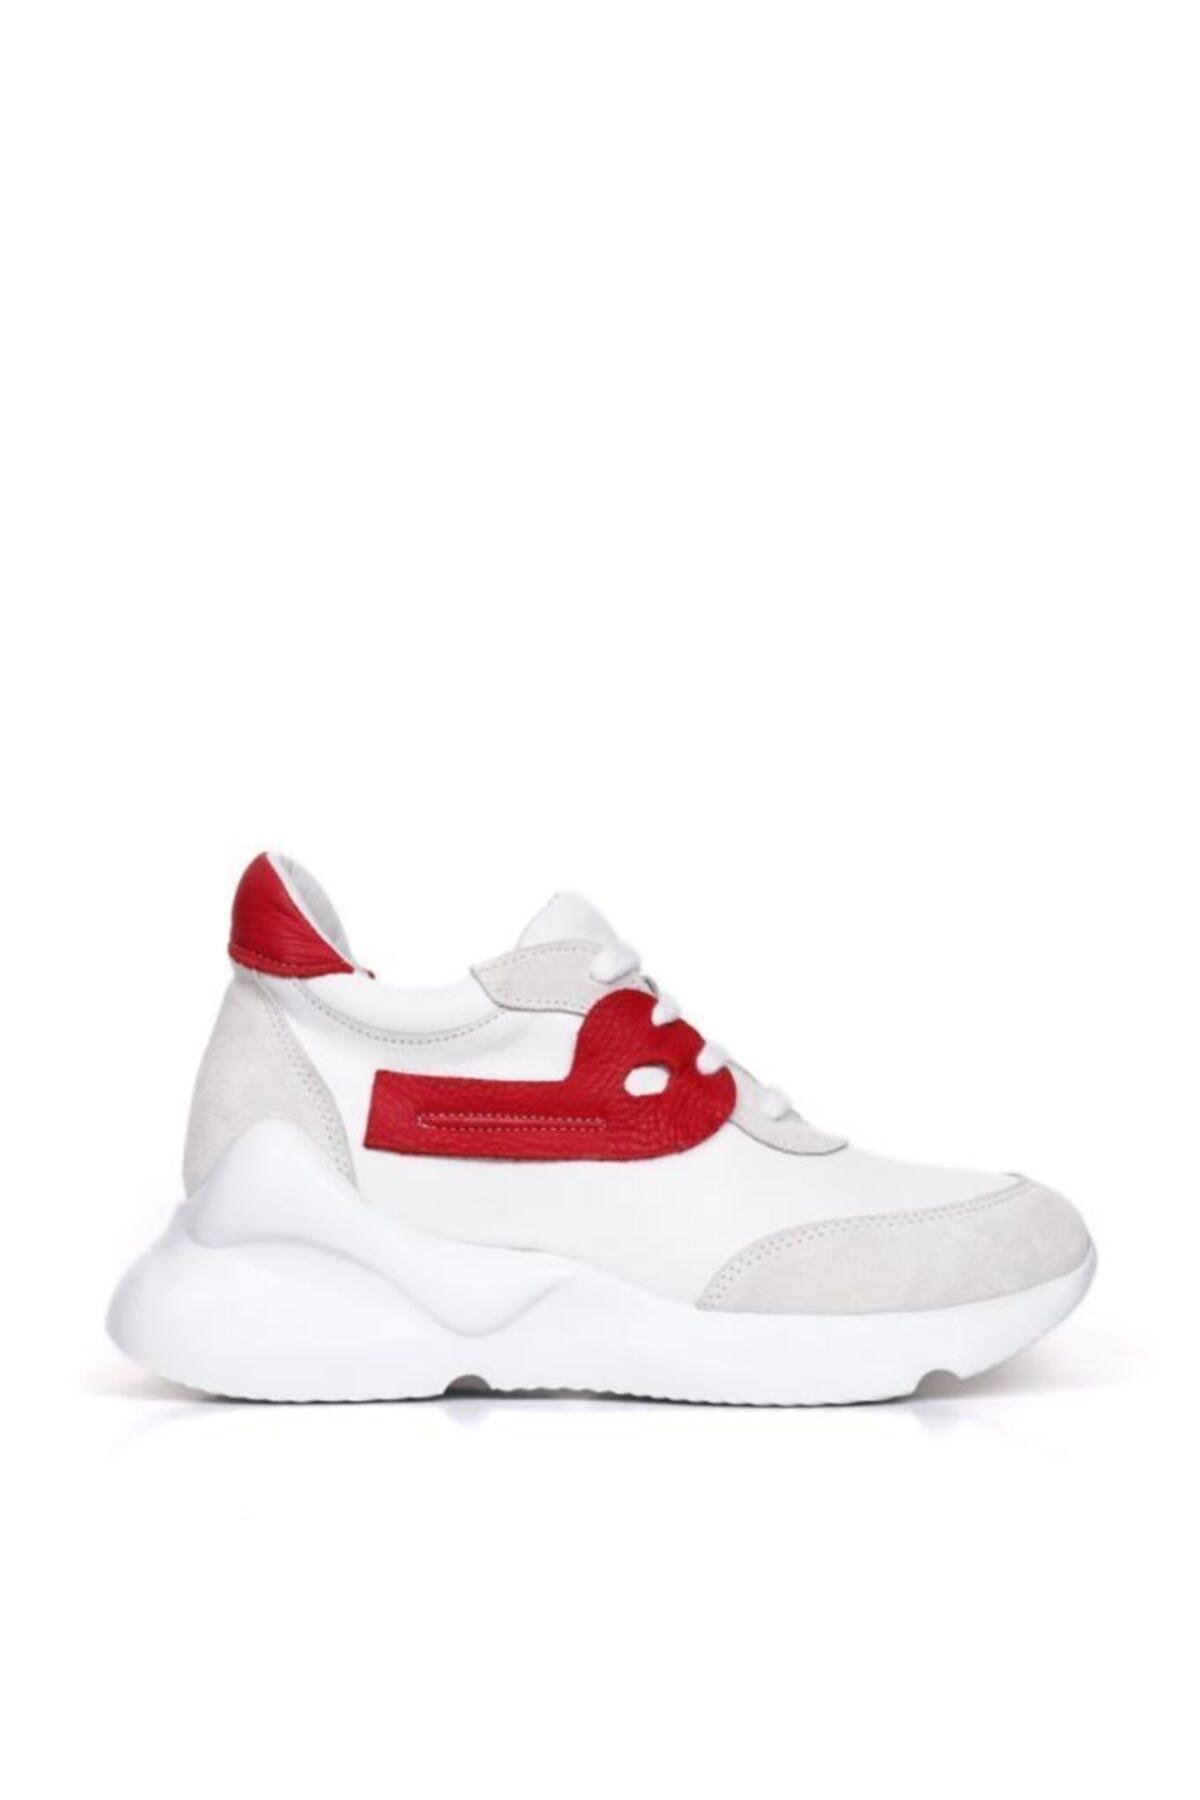 BUENO Shoes Hakiki Deri Bağcık Detaylı Kadın Spor Ayakkabı 20wq1805 2